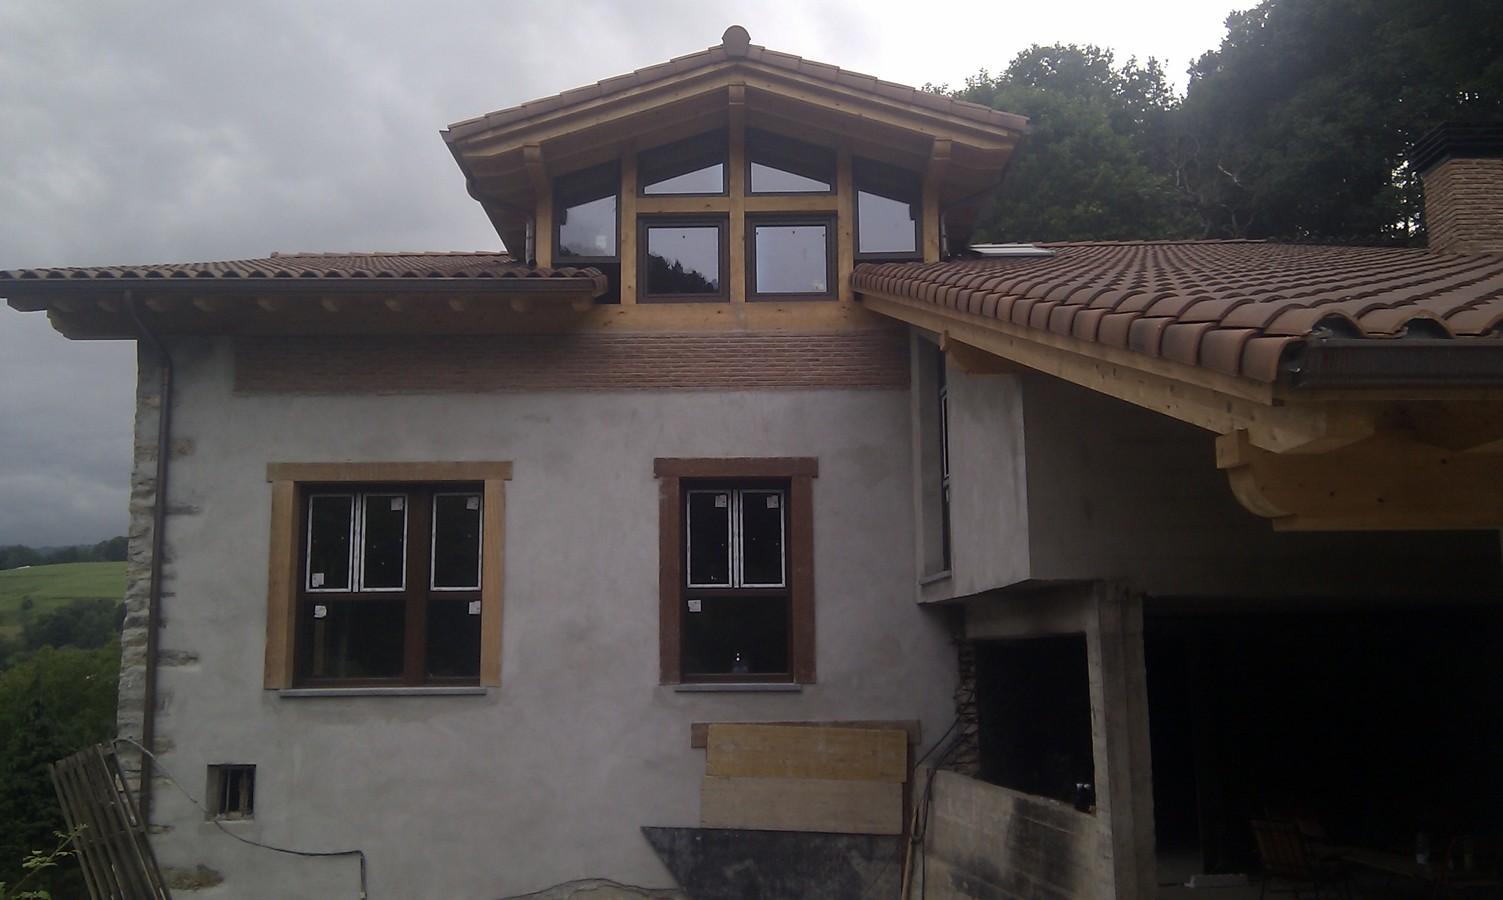 Suministro y colocacion de carpinteria de PVC en color madera